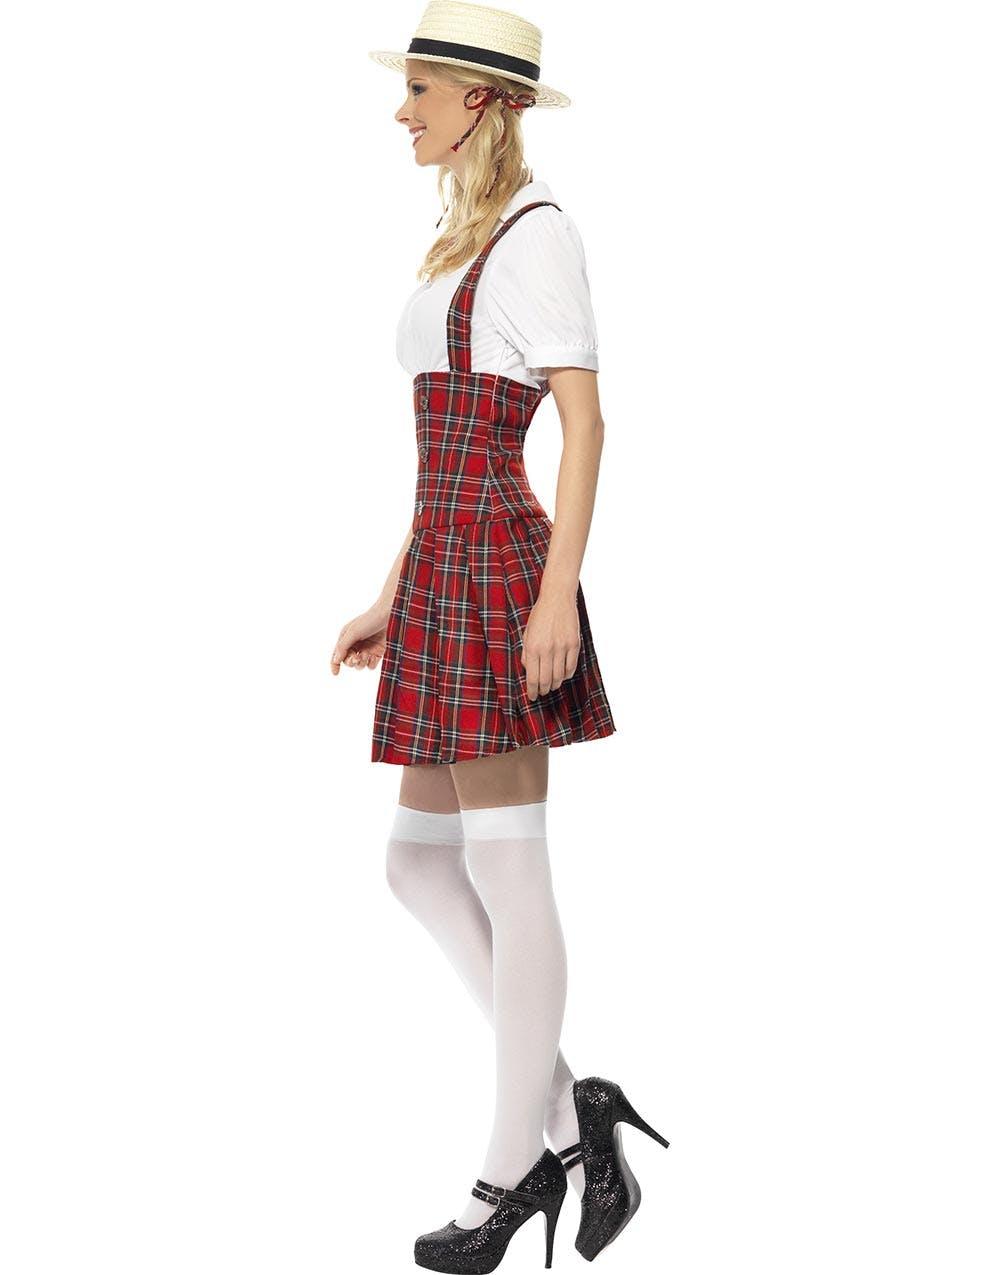 Snygg Skolflicka Uniform - Damdräkt 78a40c18c3508